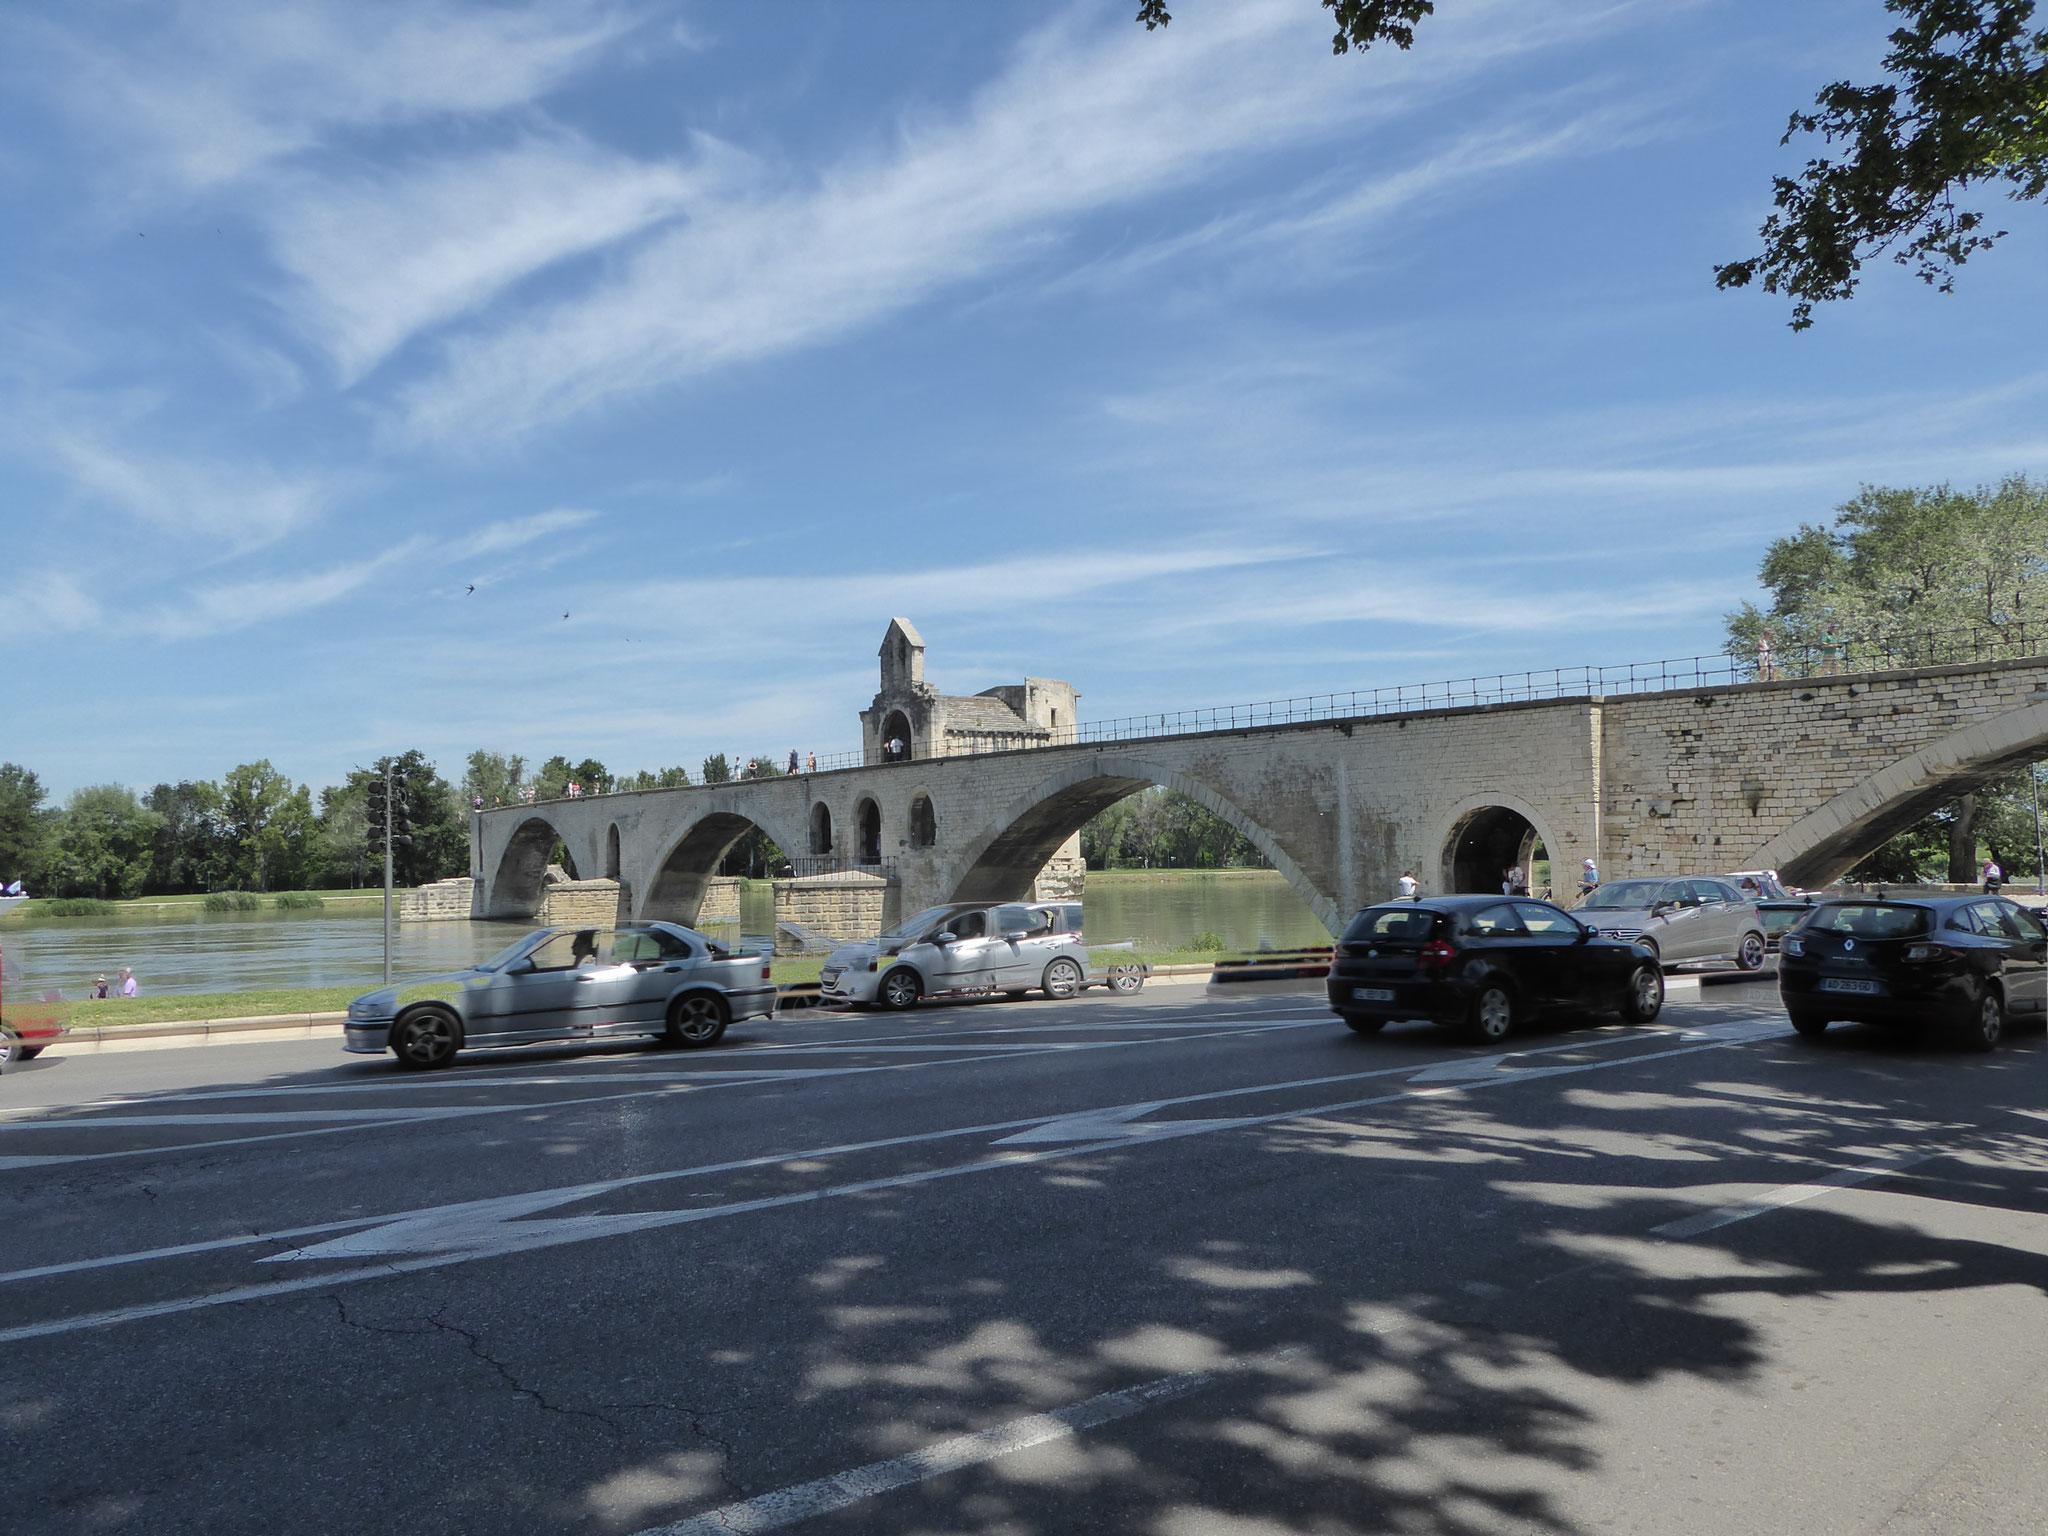 Die bekannte Brücke von Avignon